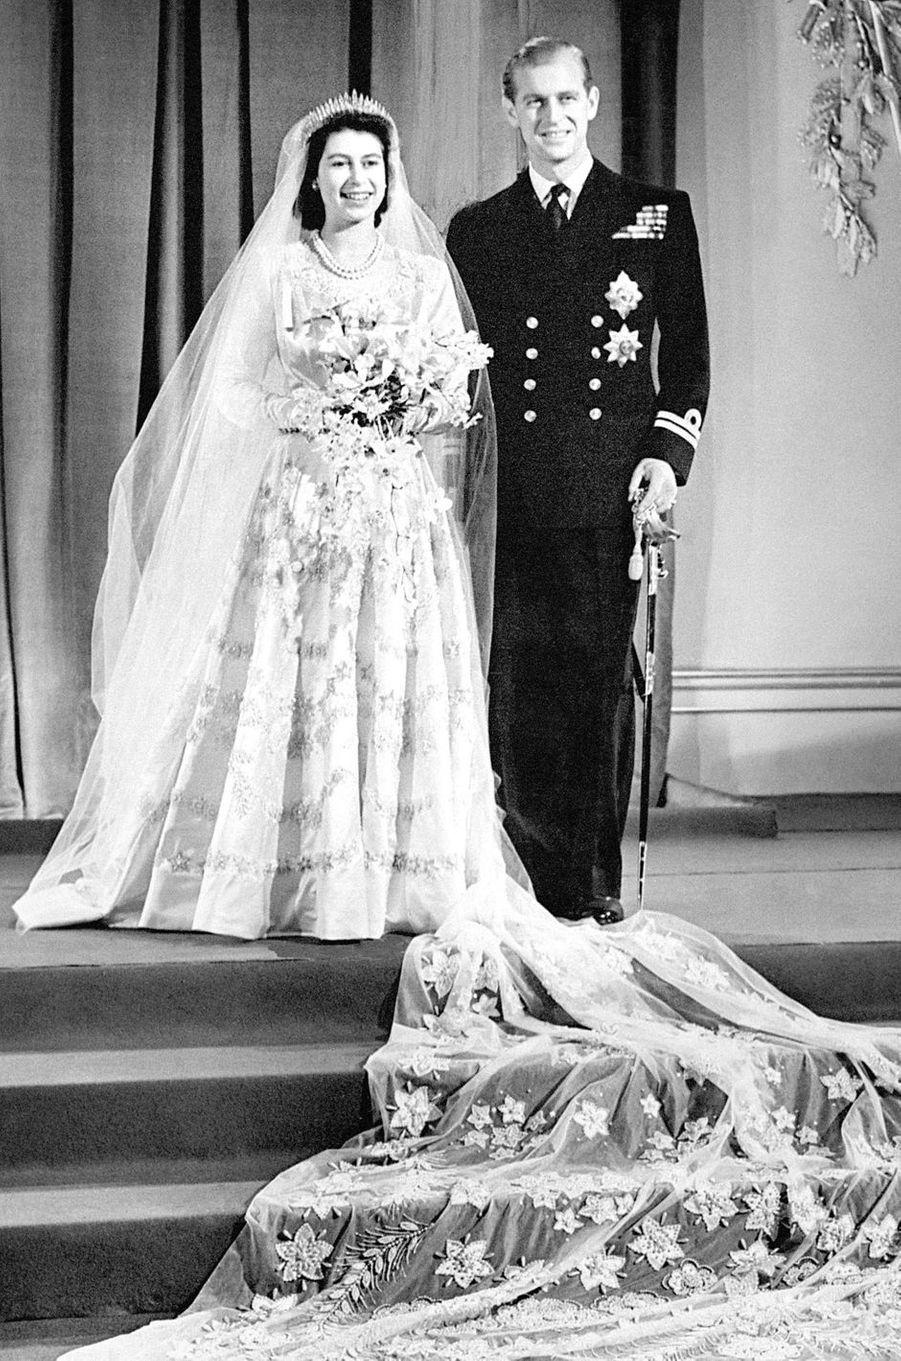 La princesse Elizabeth et le prince Philip, le jour de leur mariage, le 20 novembre 1947